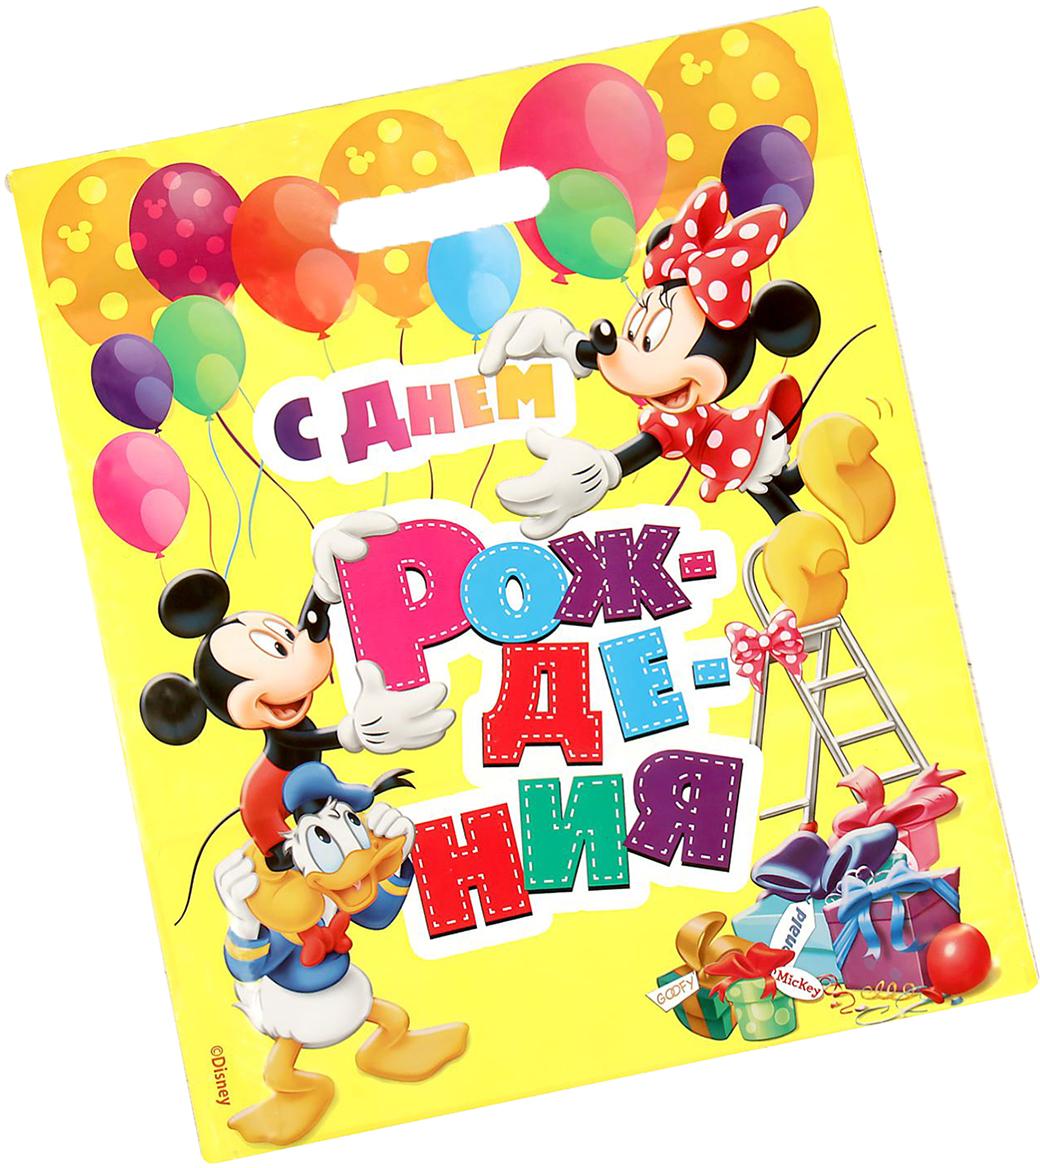 Пакет подарочный Disney Микки Маус и друзья. С днем рождения, цвет: мультиколор, 34 х 40 см. 2333376 корзина для игрушек disney микки маус и его друзья 2732136